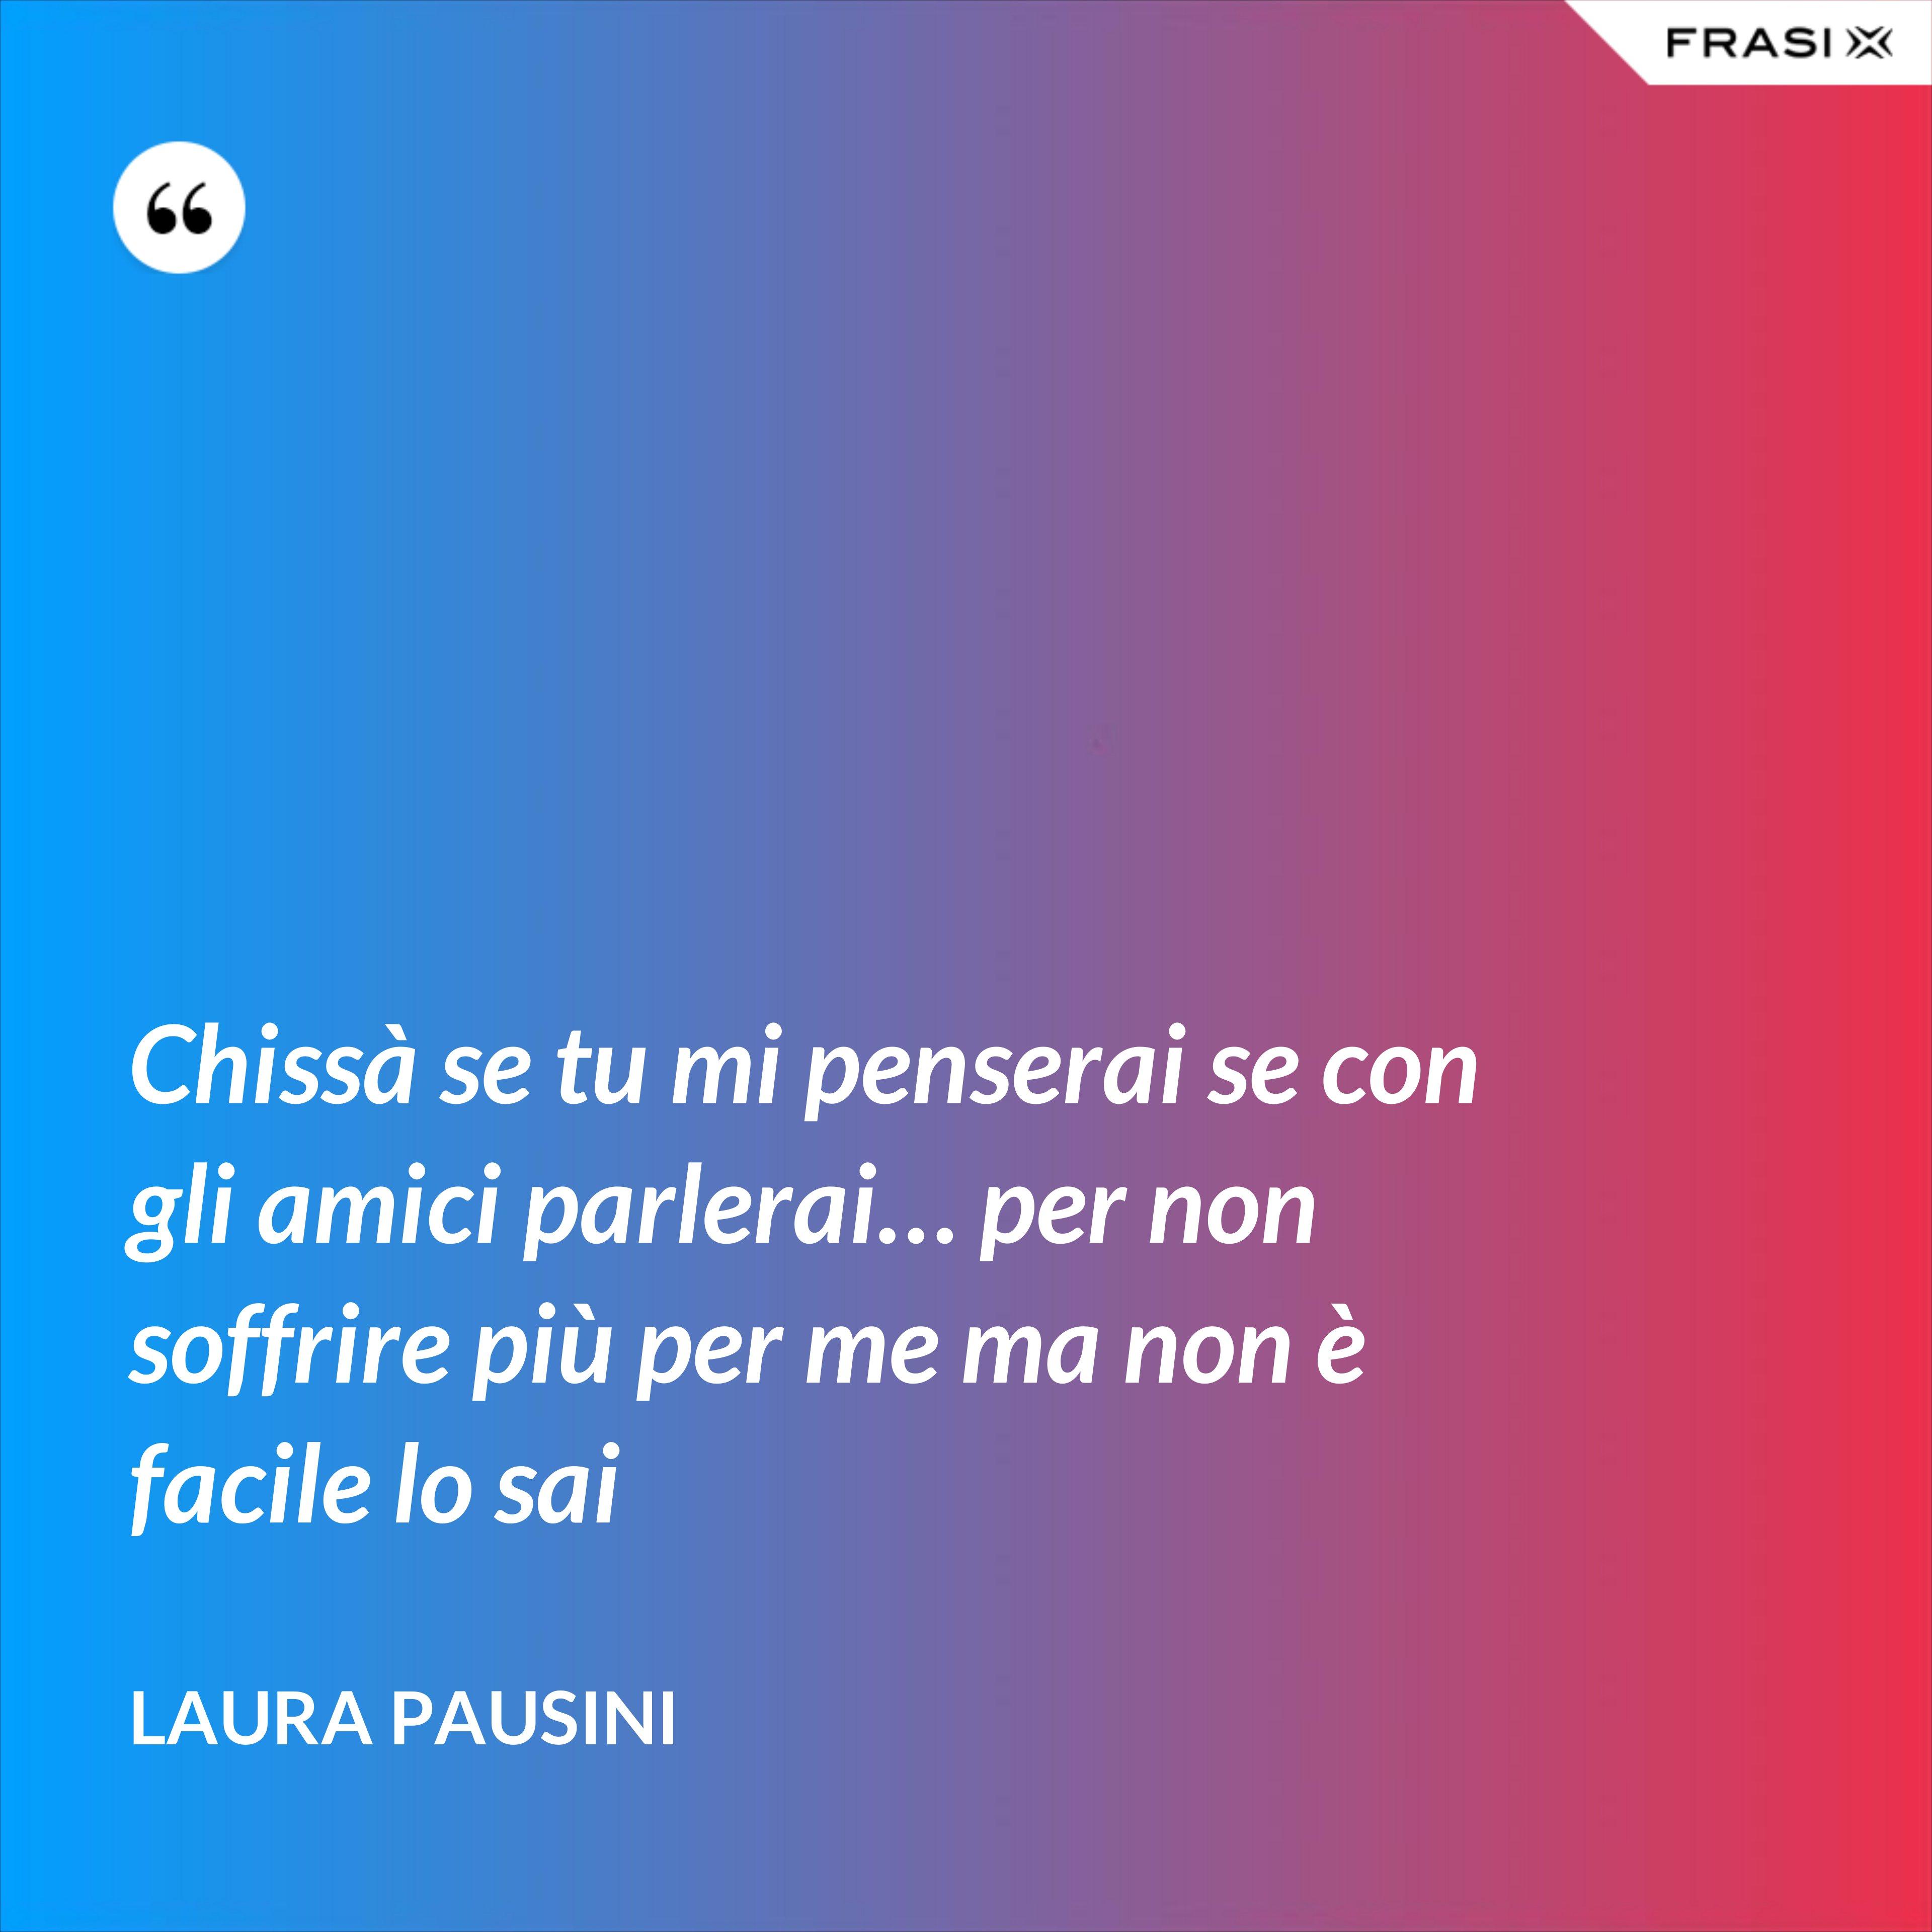 Chissà se tu mi penserai se con gli amici parlerai… per non soffrire più per me ma non è facile lo sai - Laura Pausini